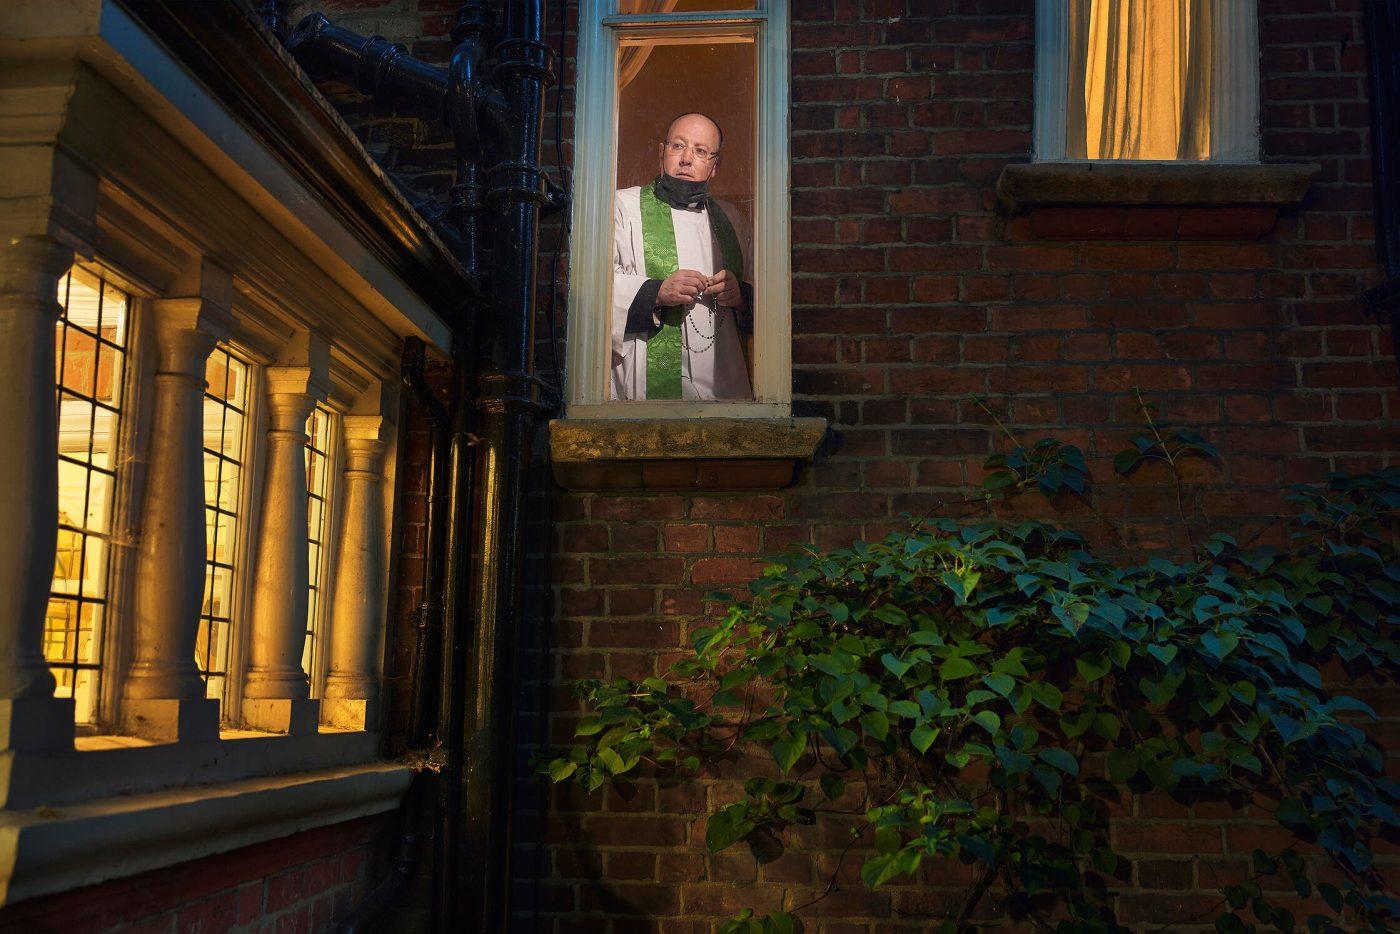 Father Kevin, Lockdown Day 70 by Julia Fullerton-Batten